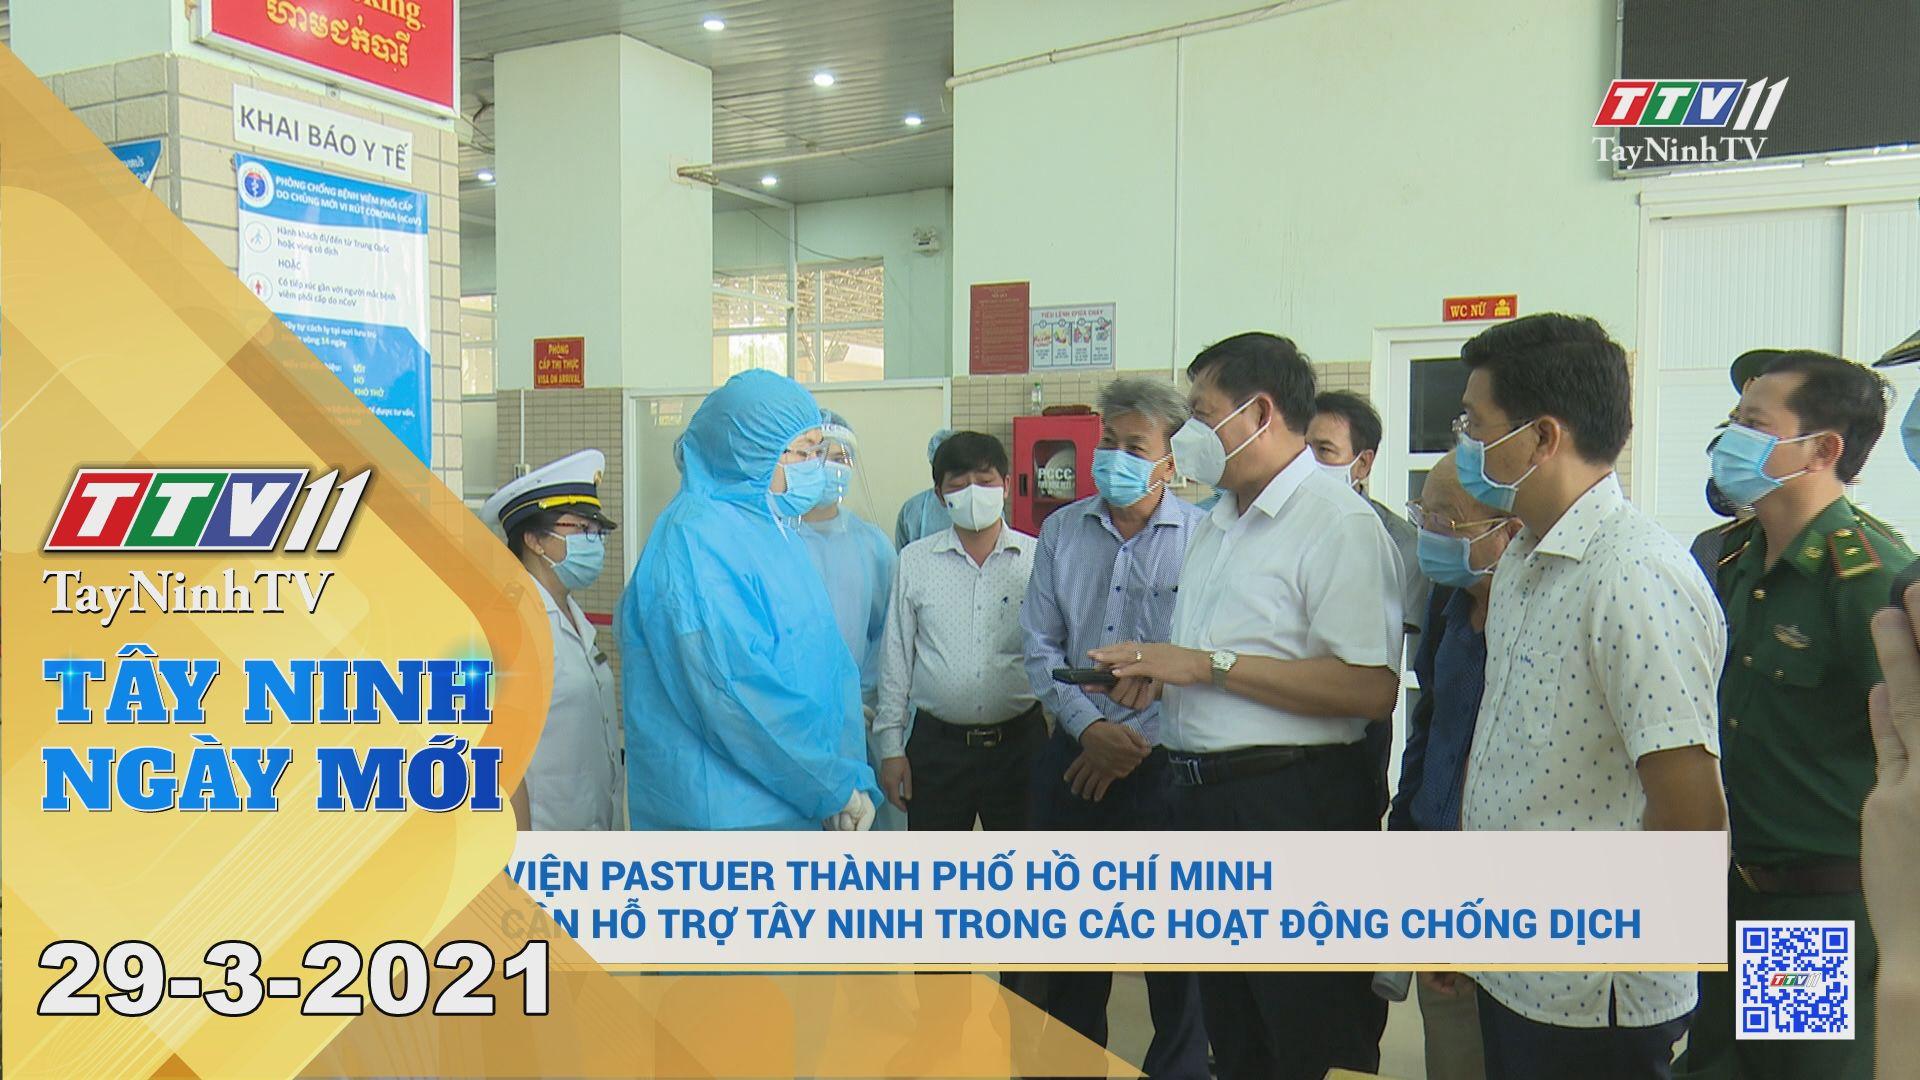 Tây Ninh Ngày Mới 29-3-2021 | Tin tức hôm nay | TayNinhTV